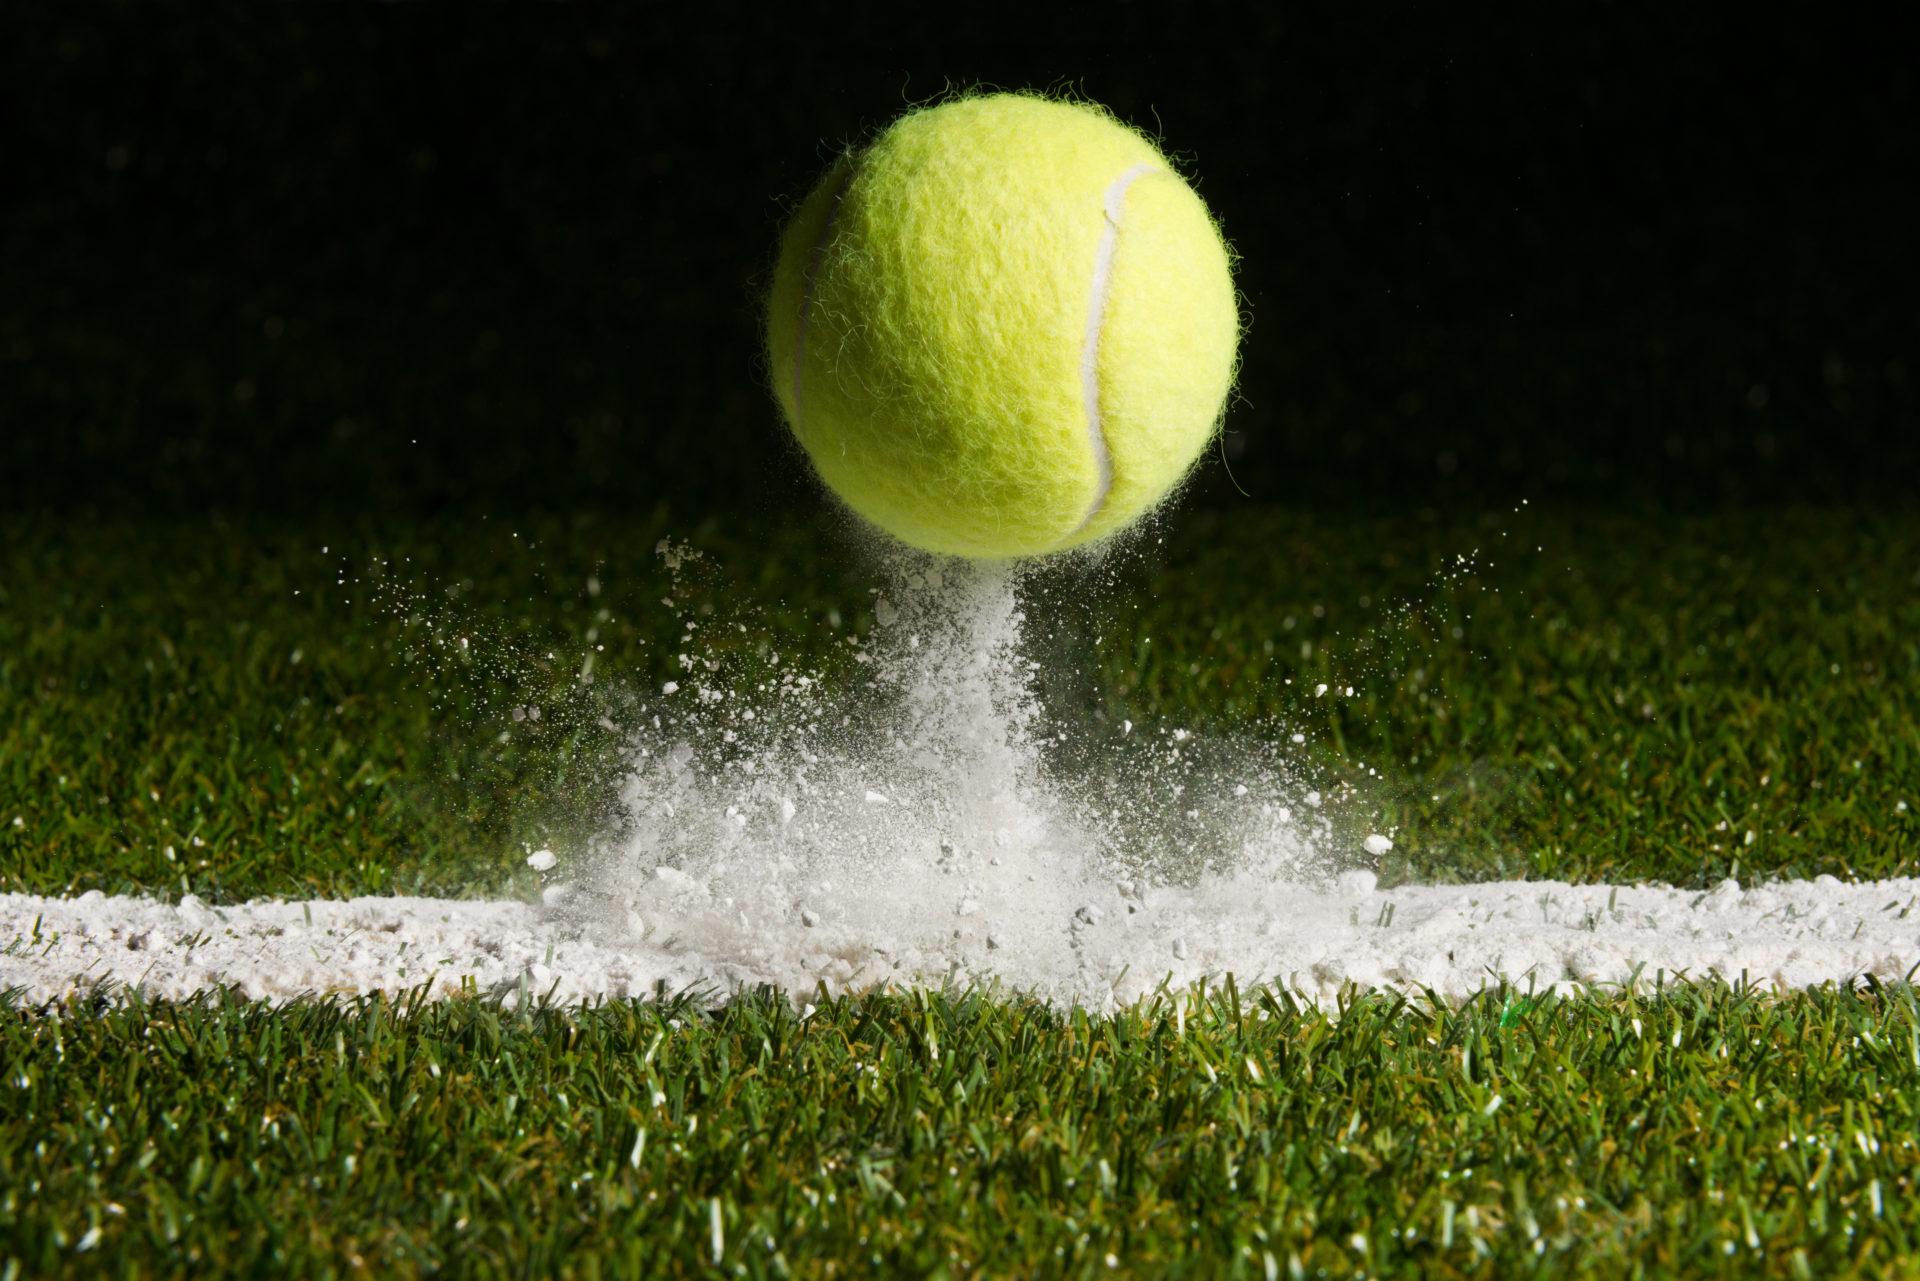 Tennis ball bouncing